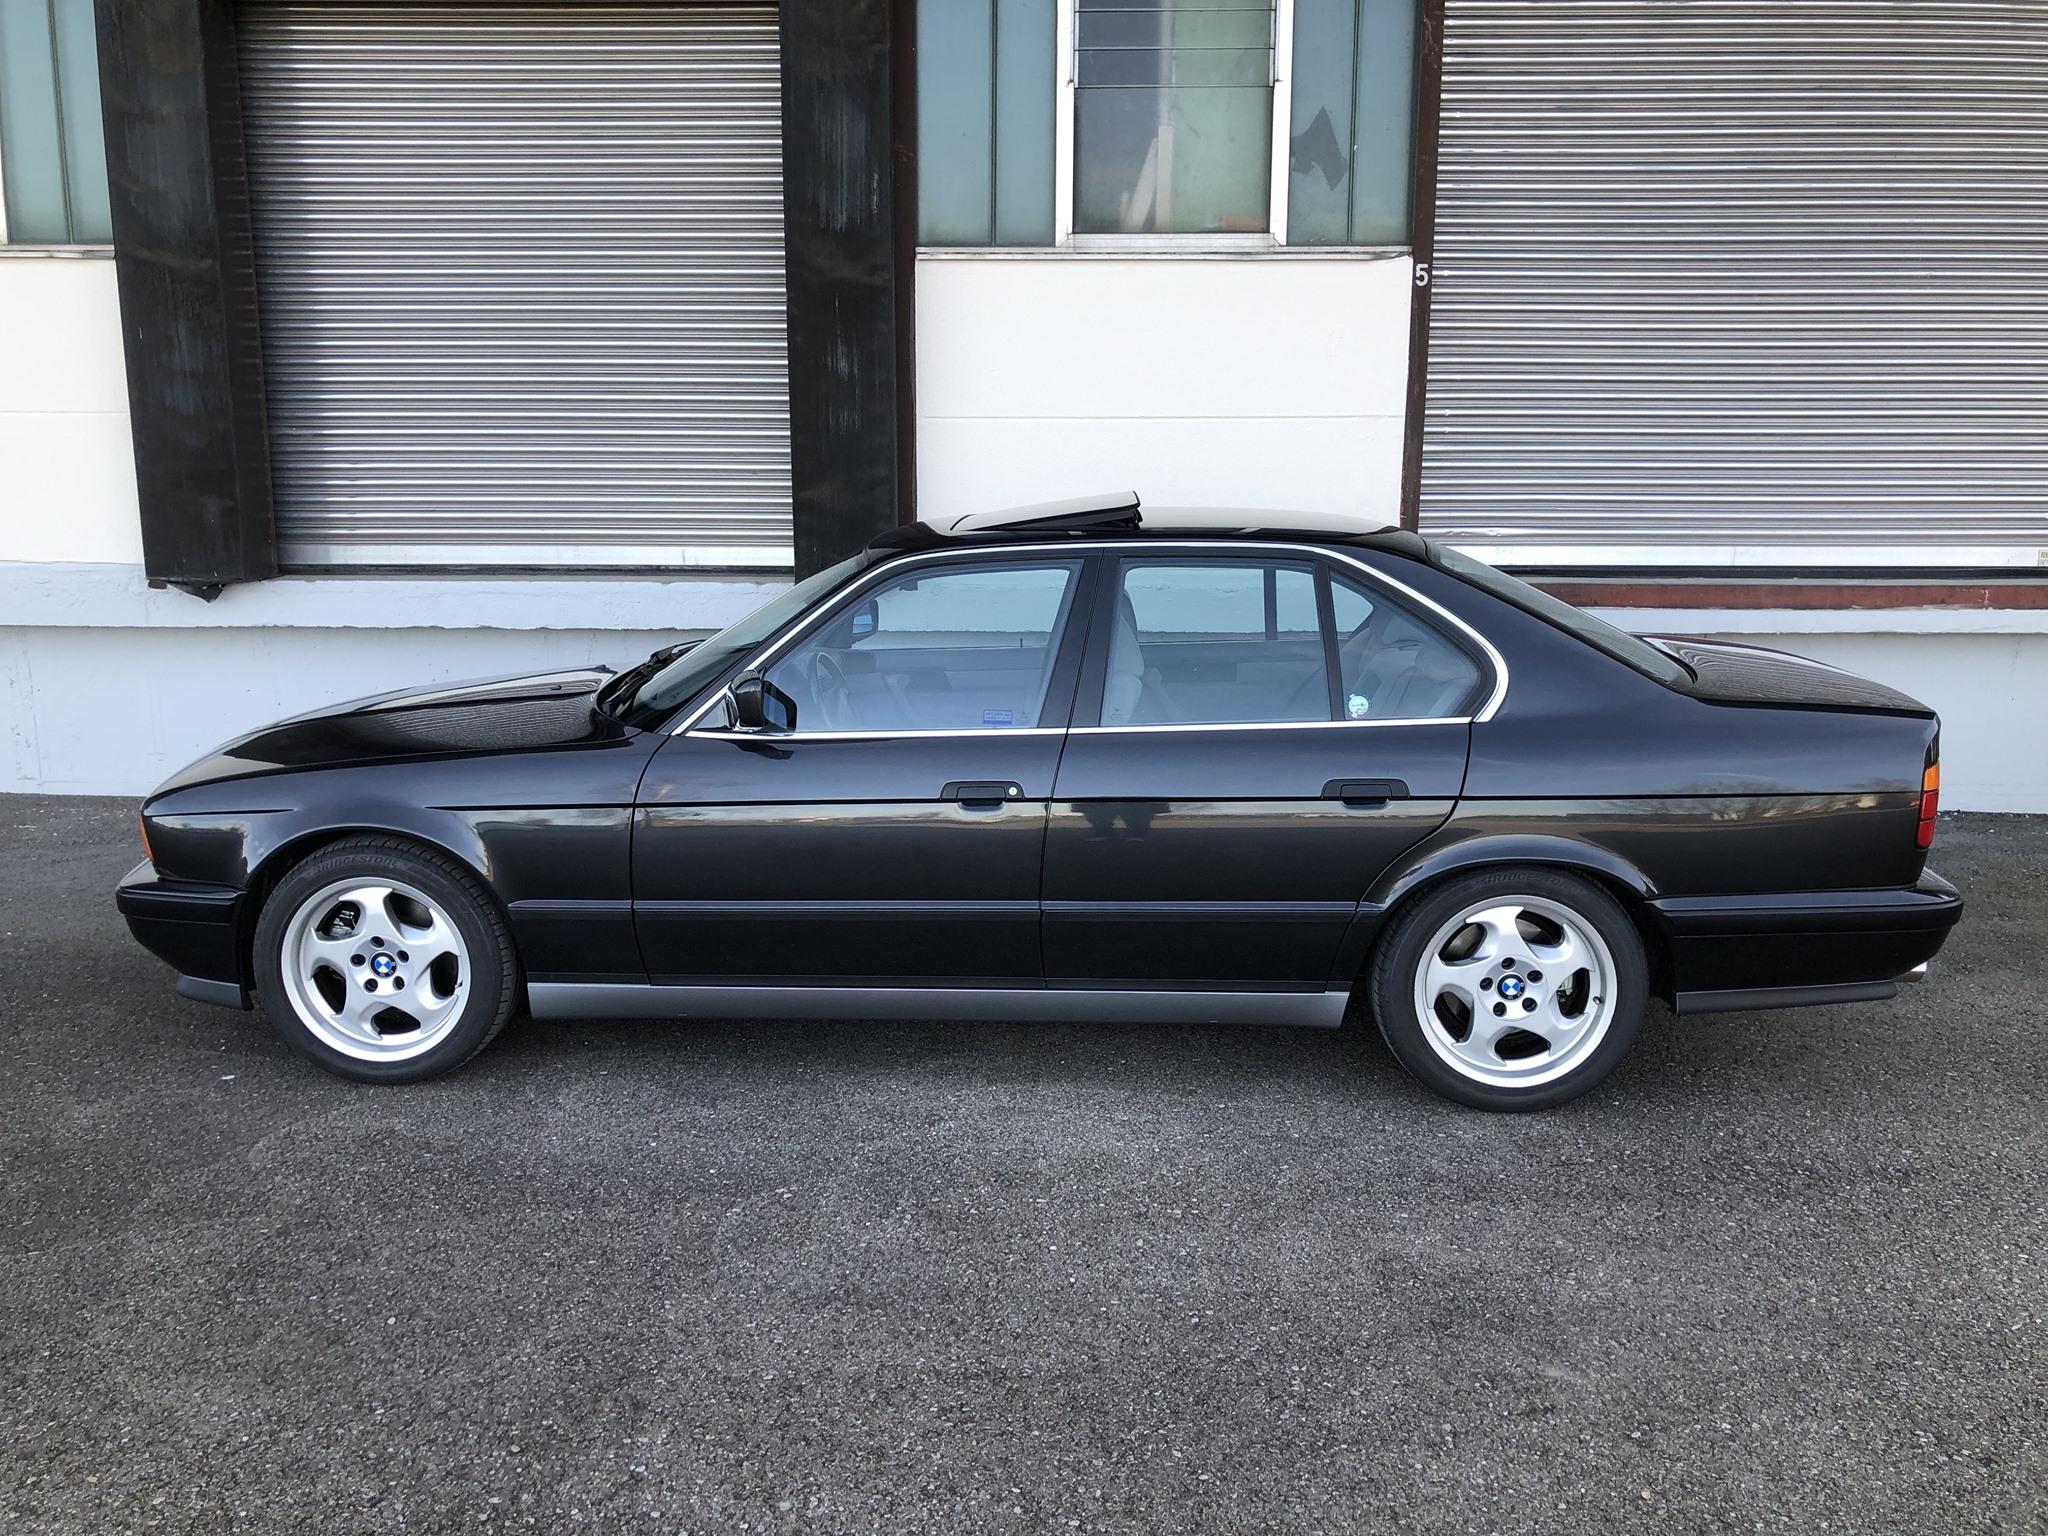 Egy vagyont kérnek ezért a gyári állapotú 1992-es BMW M5-ösért 5